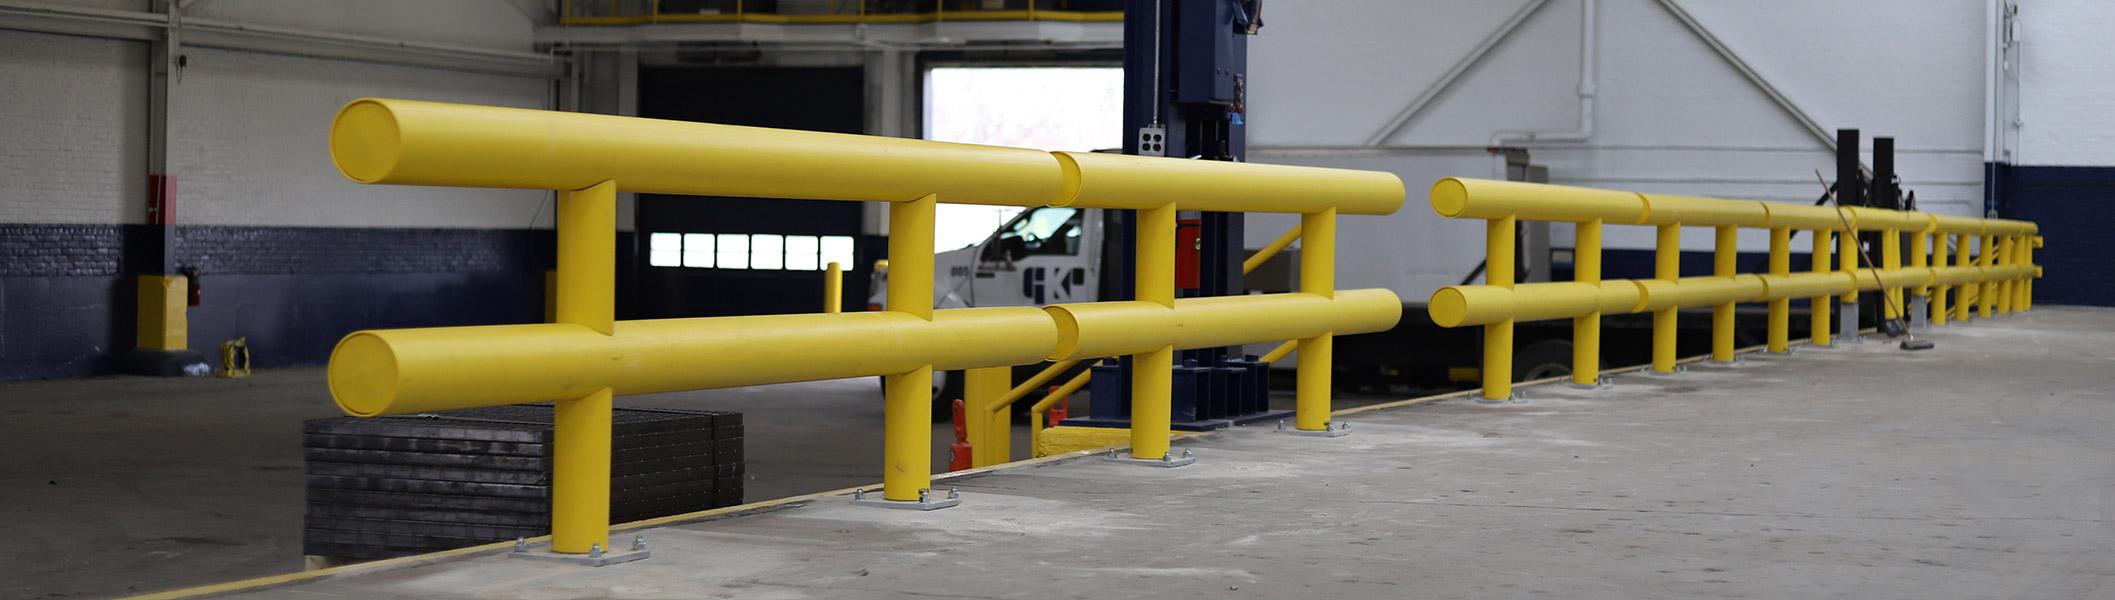 Ideal Shield Heavy Duty Industrial Guardrail